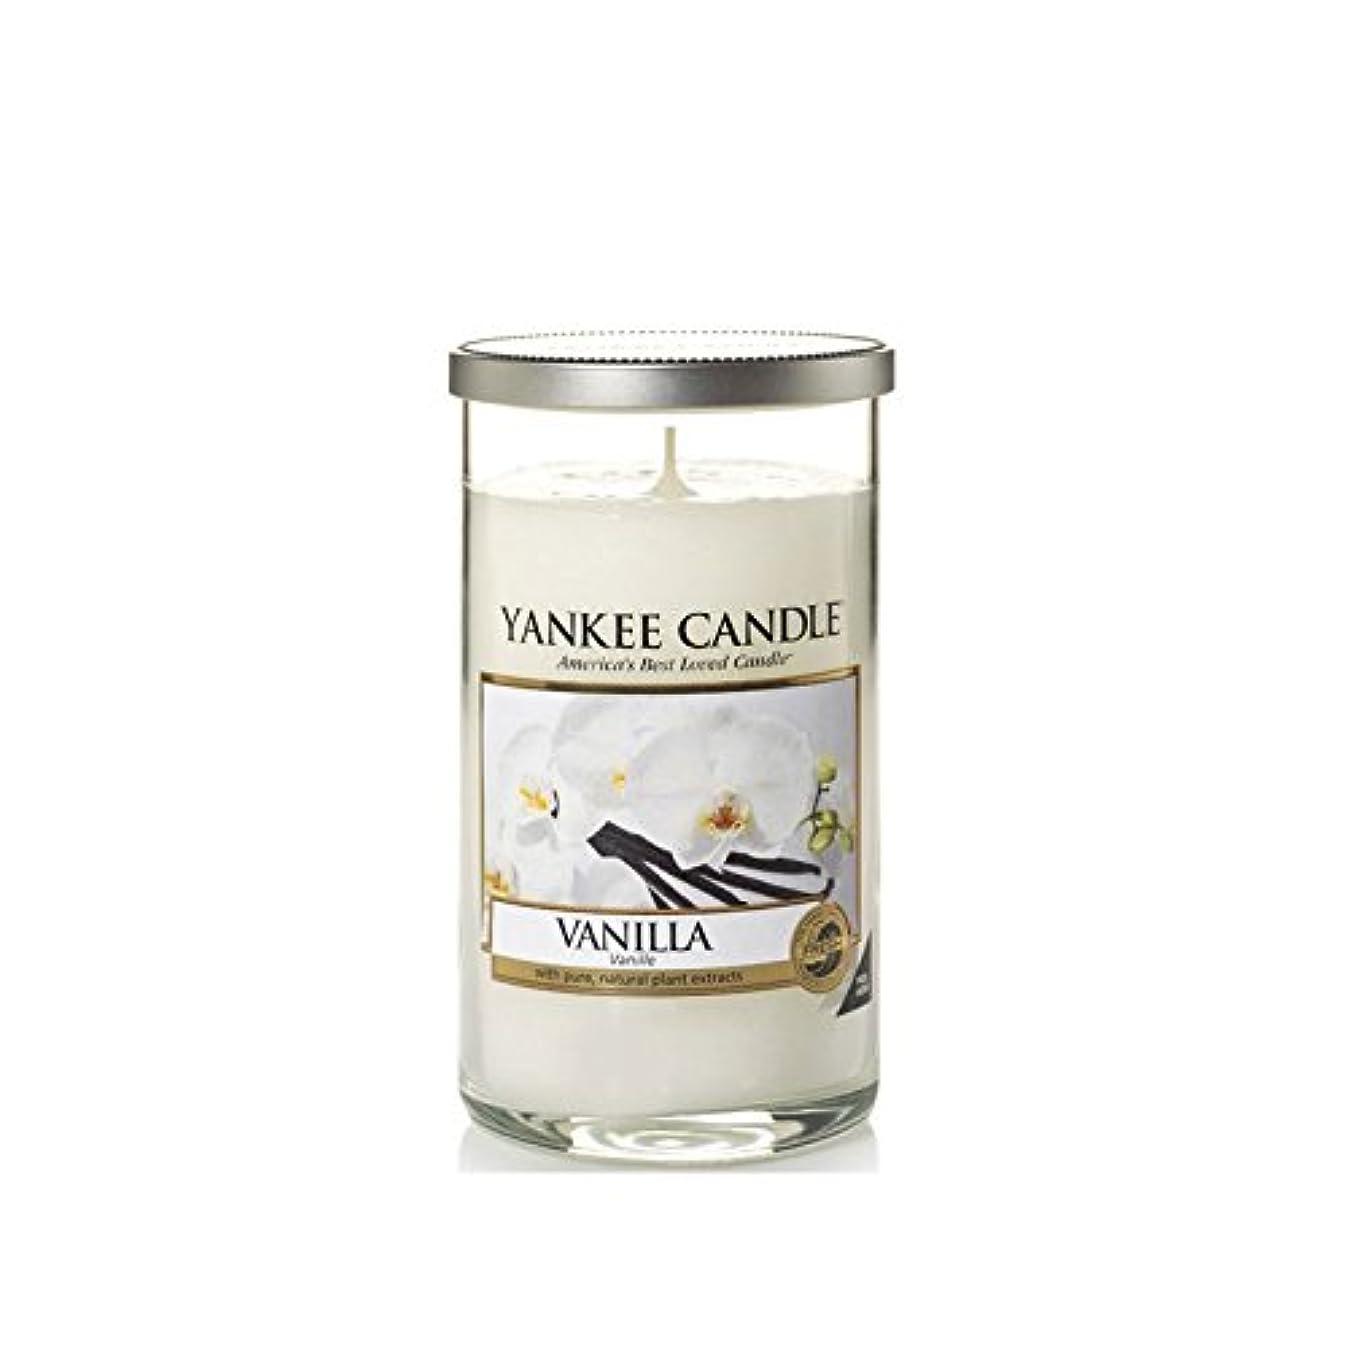 恐竜アクロバット子供達Yankee Candles Medium Pillar Candle - Vanilla (Pack of 2) - ヤンキーキャンドルメディアピラーキャンドル - バニラ (x2) [並行輸入品]